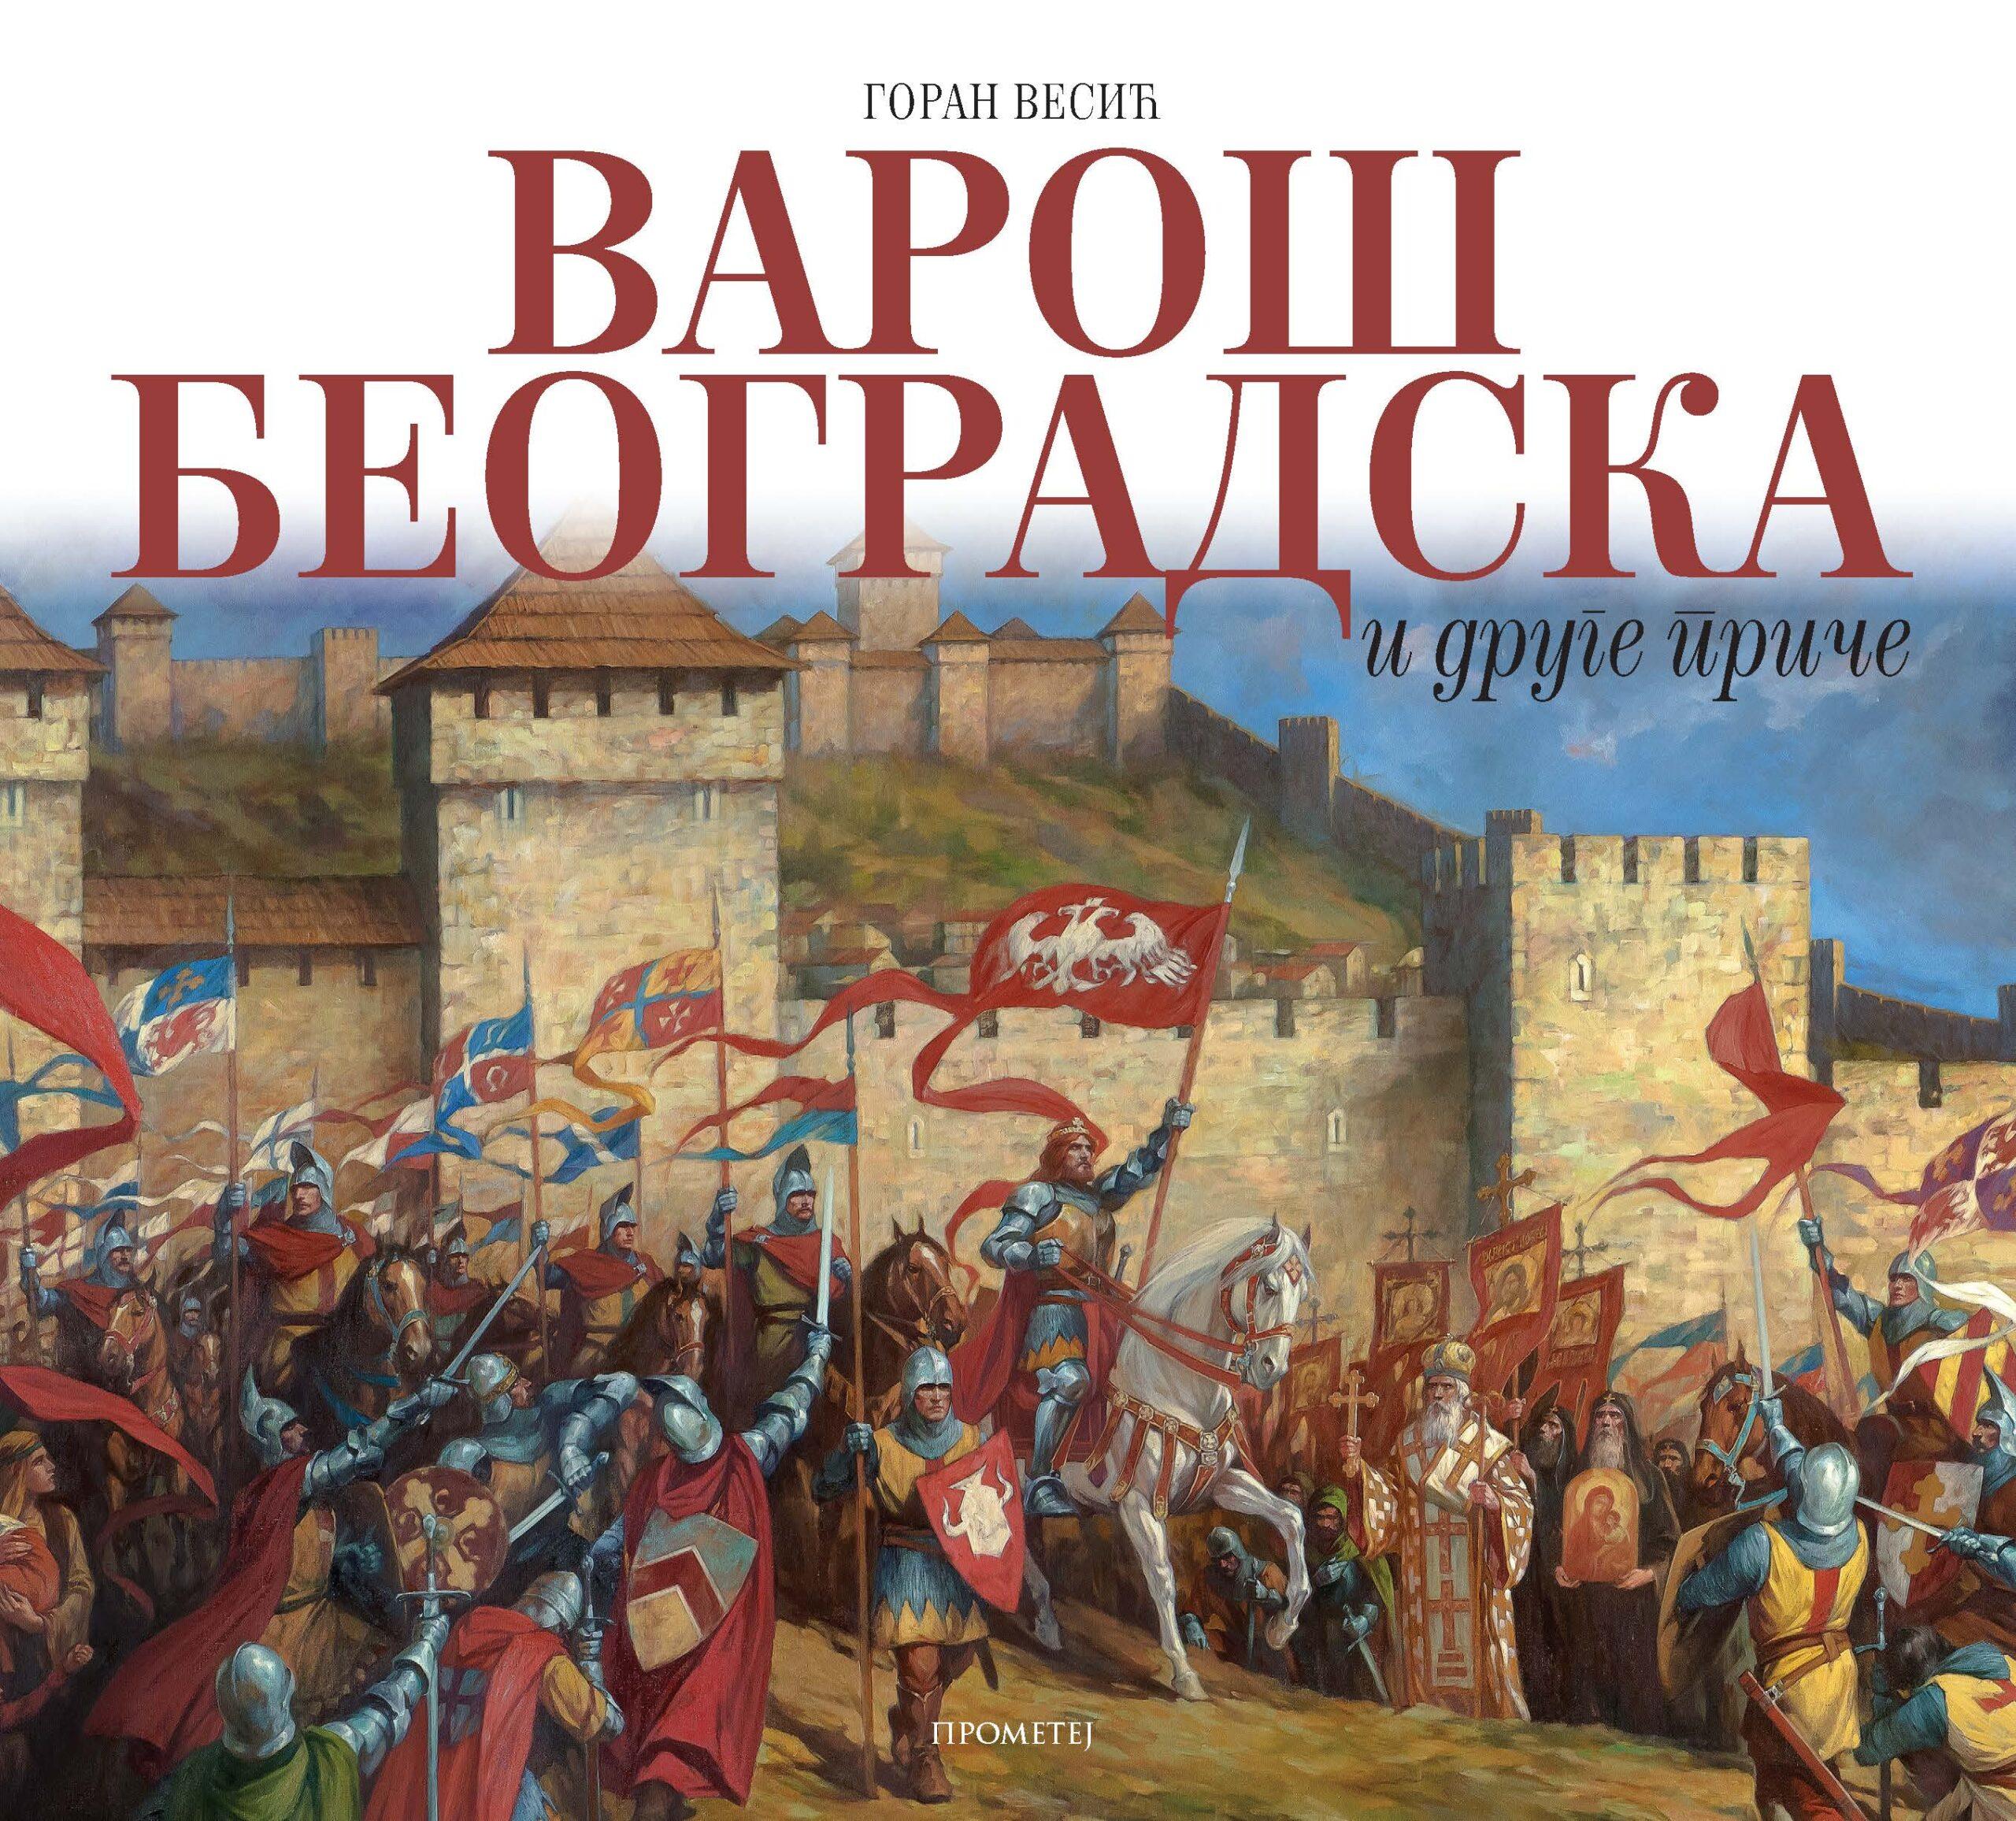 Варош београдска и друге приче